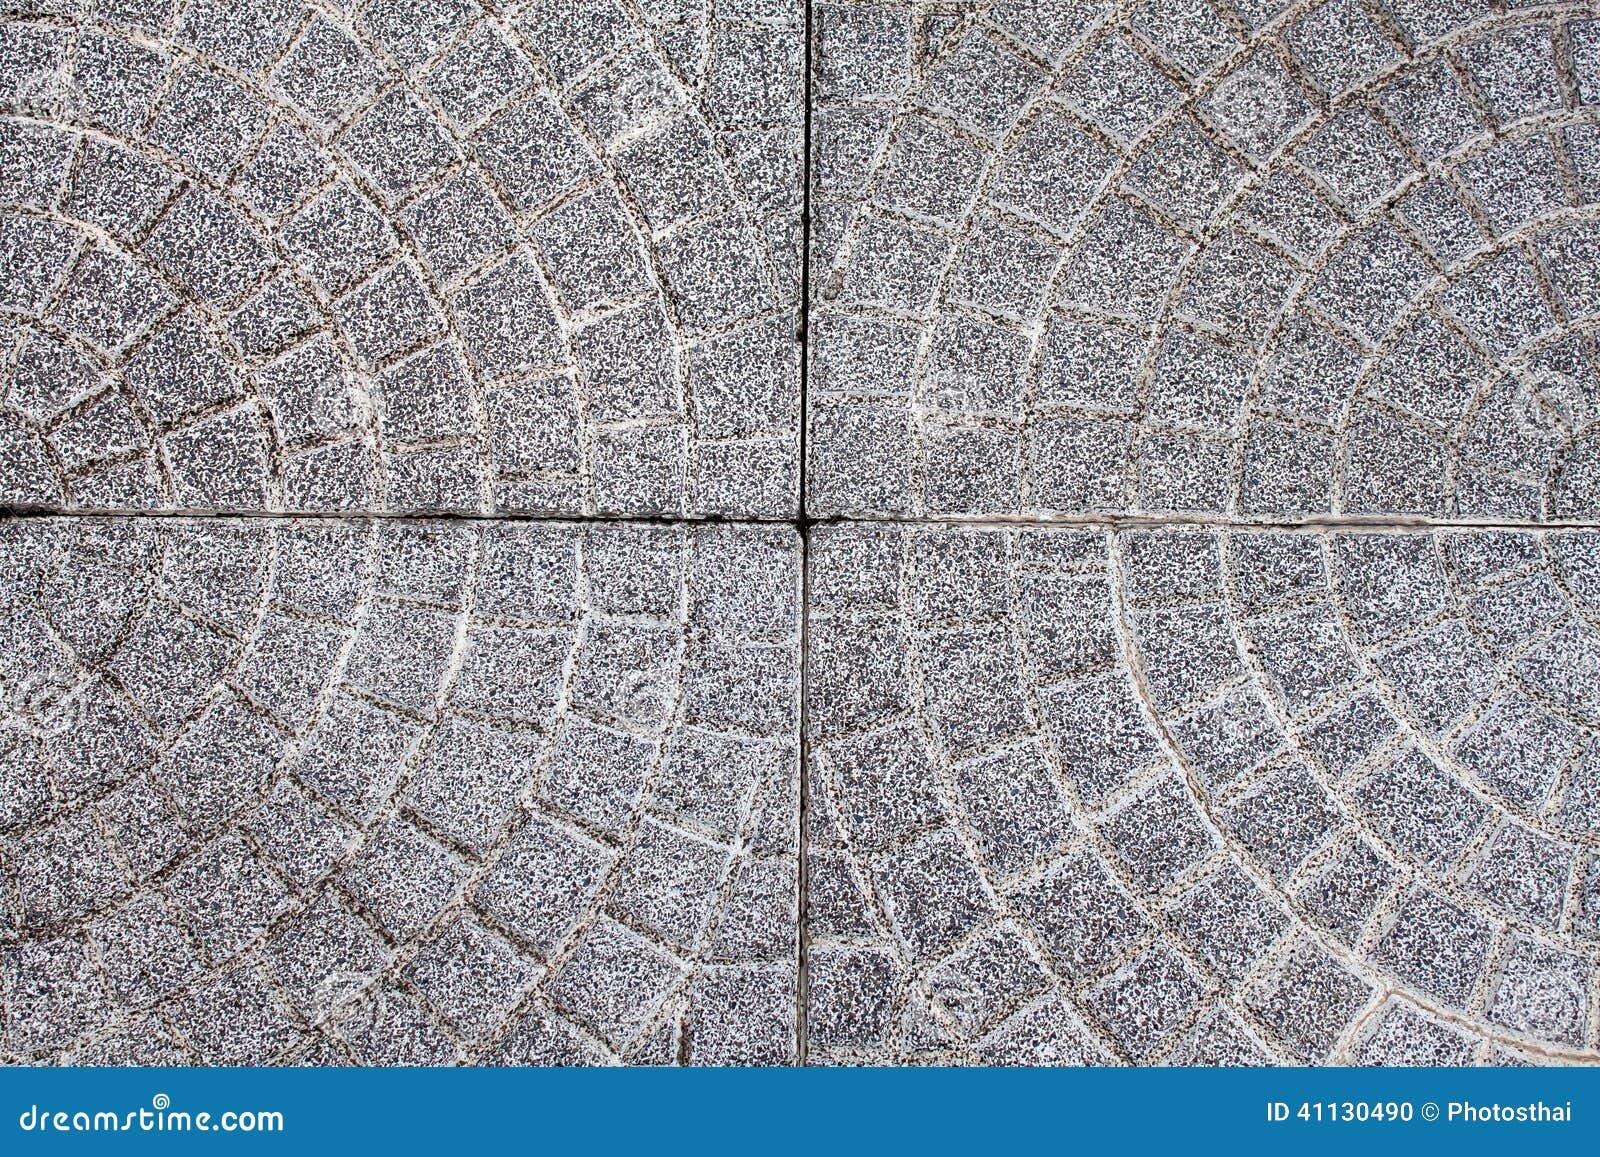 Concrete Floor Tiles Stock Photo Image 41130490